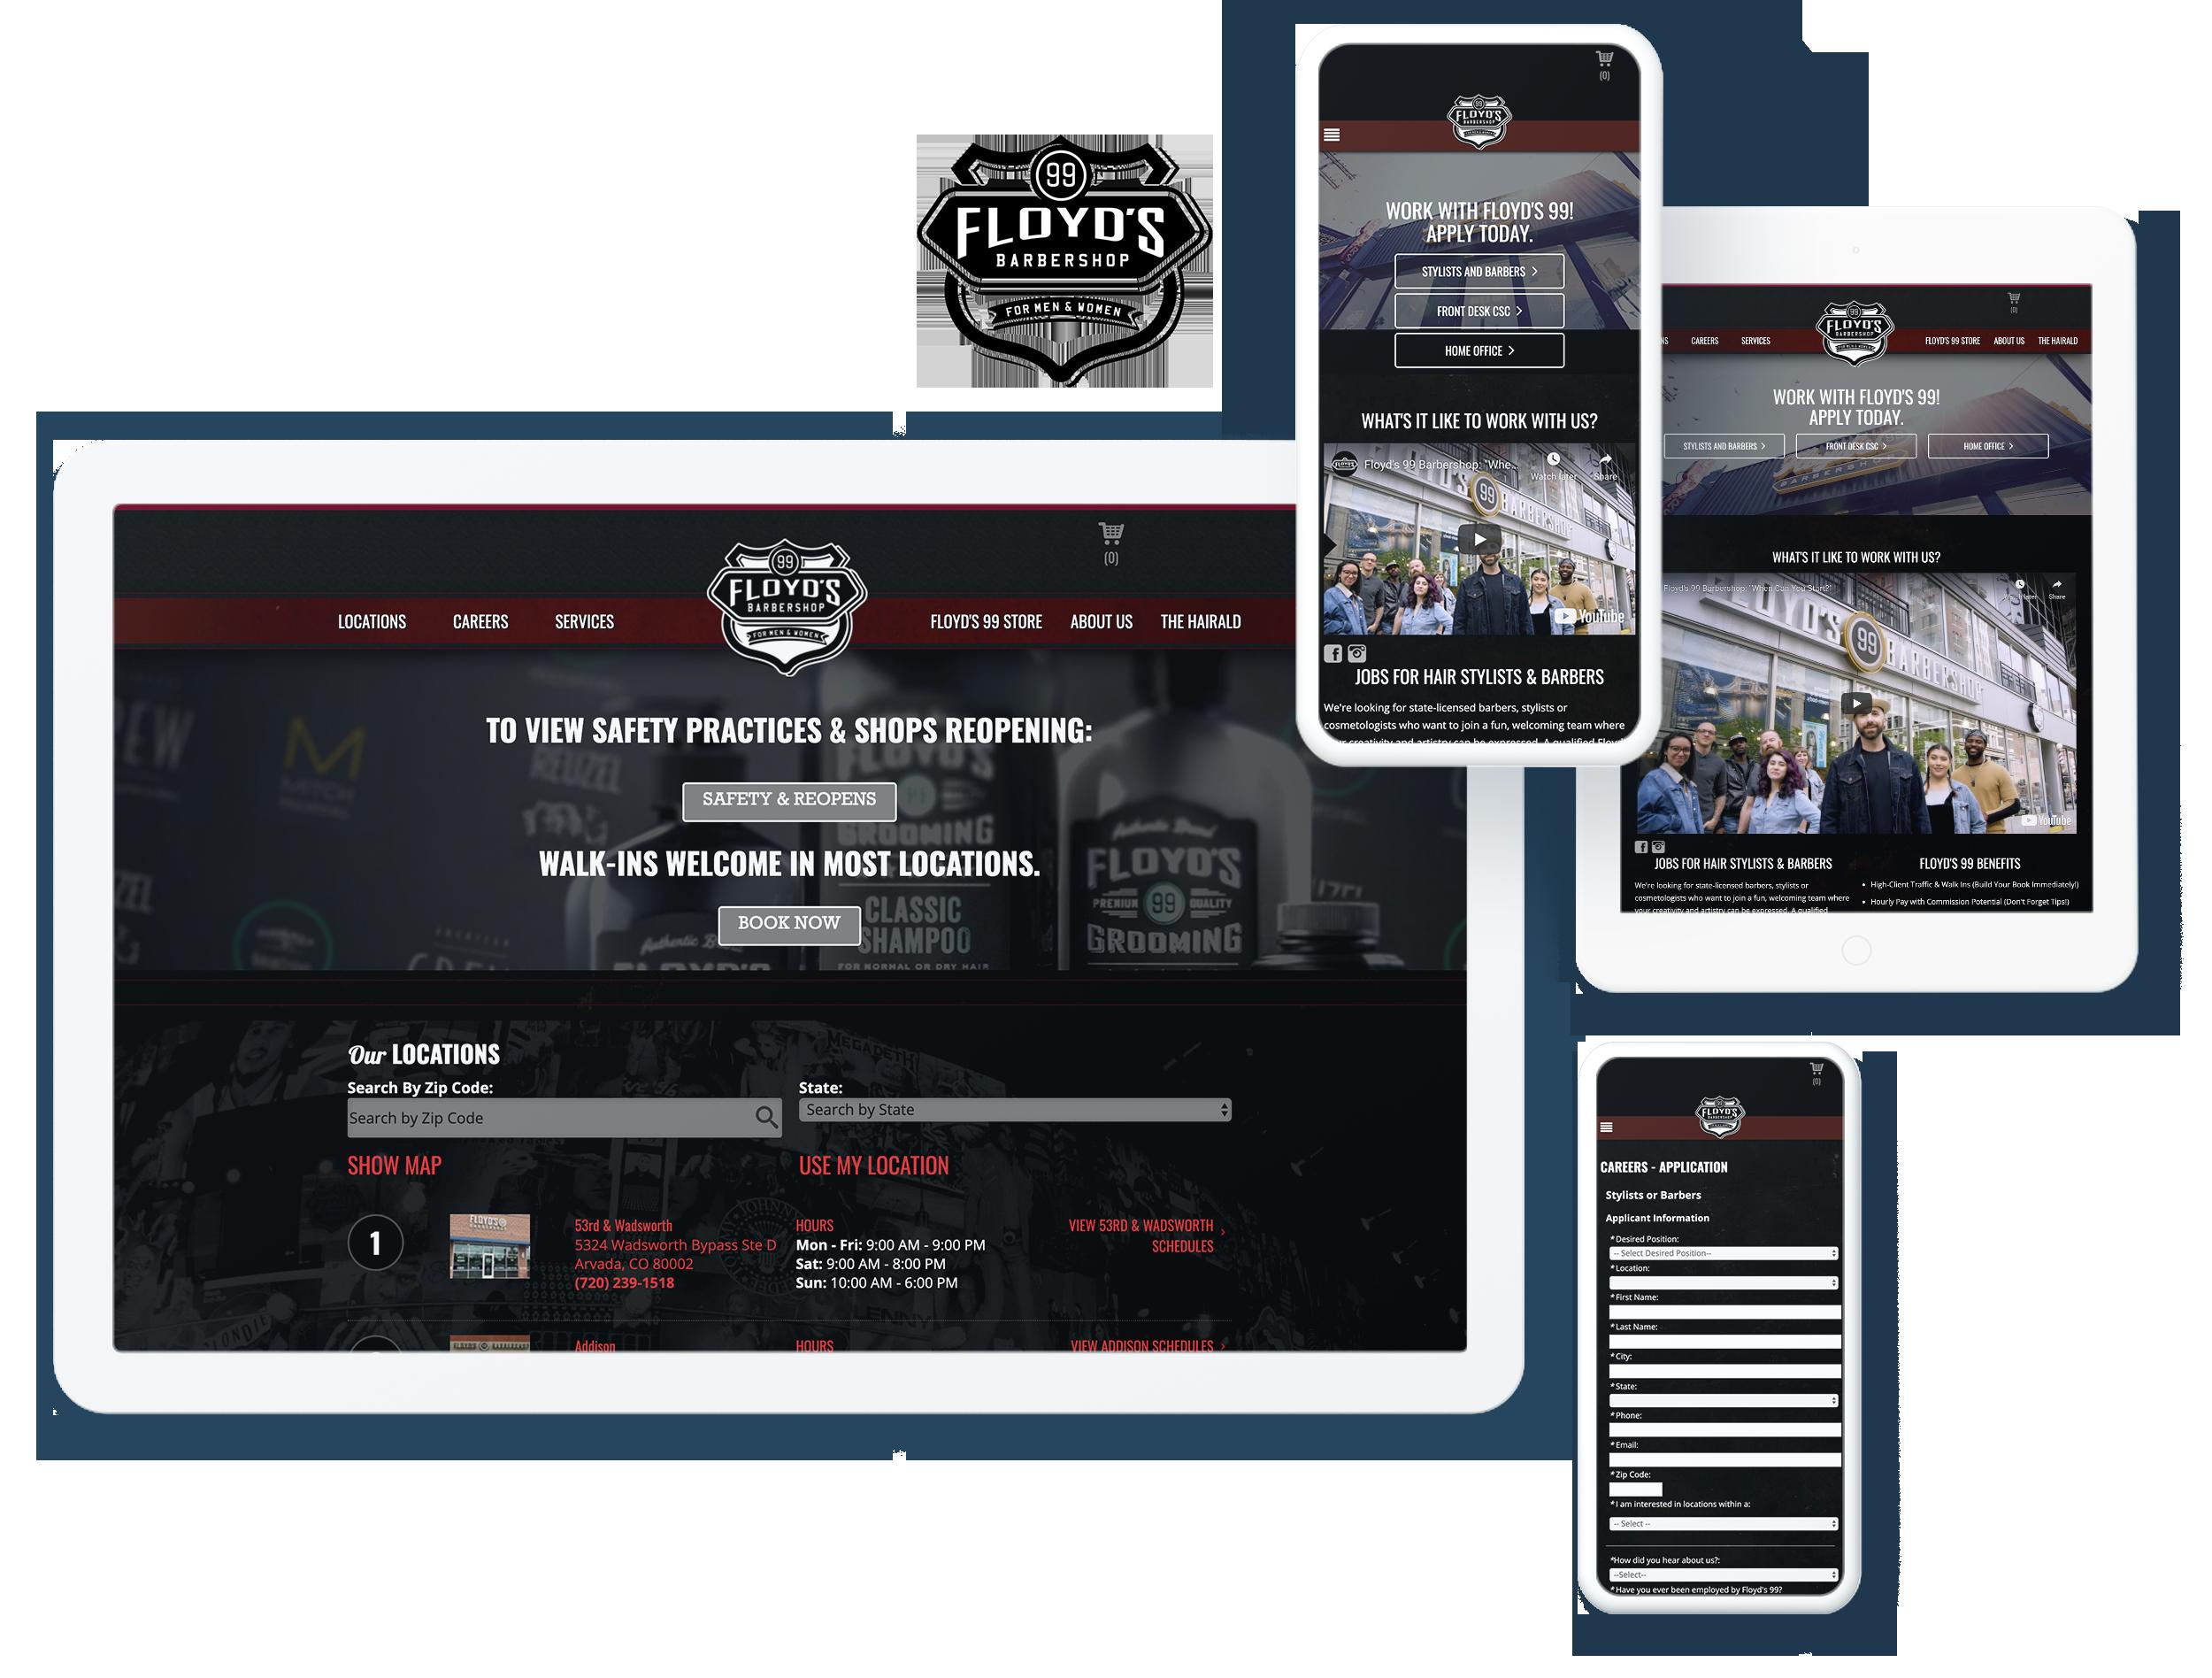 Floyds 99 Barbershop Screens